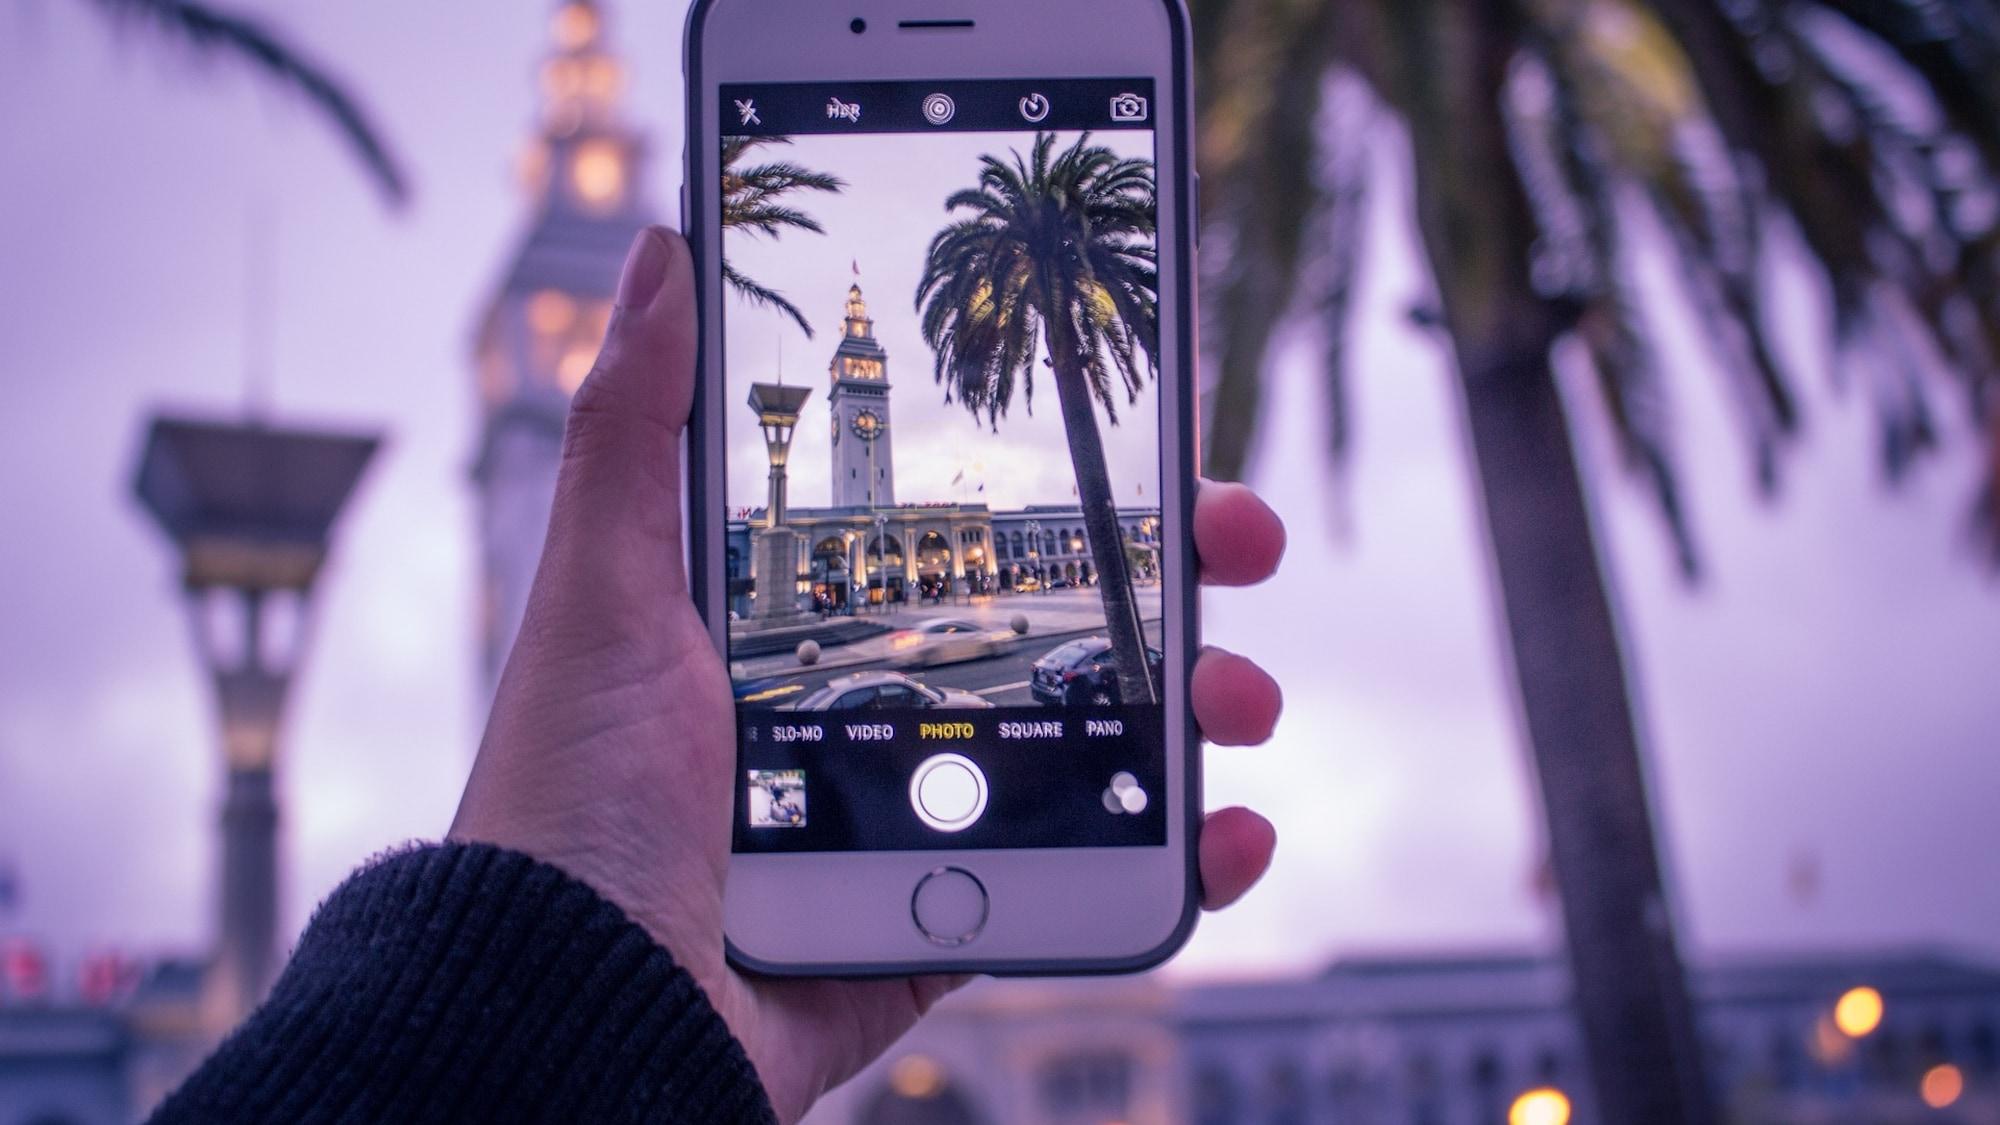 Kleine Ferienhelfer: 7 Apps, die Sie für Ihre nächste Reise brauchen